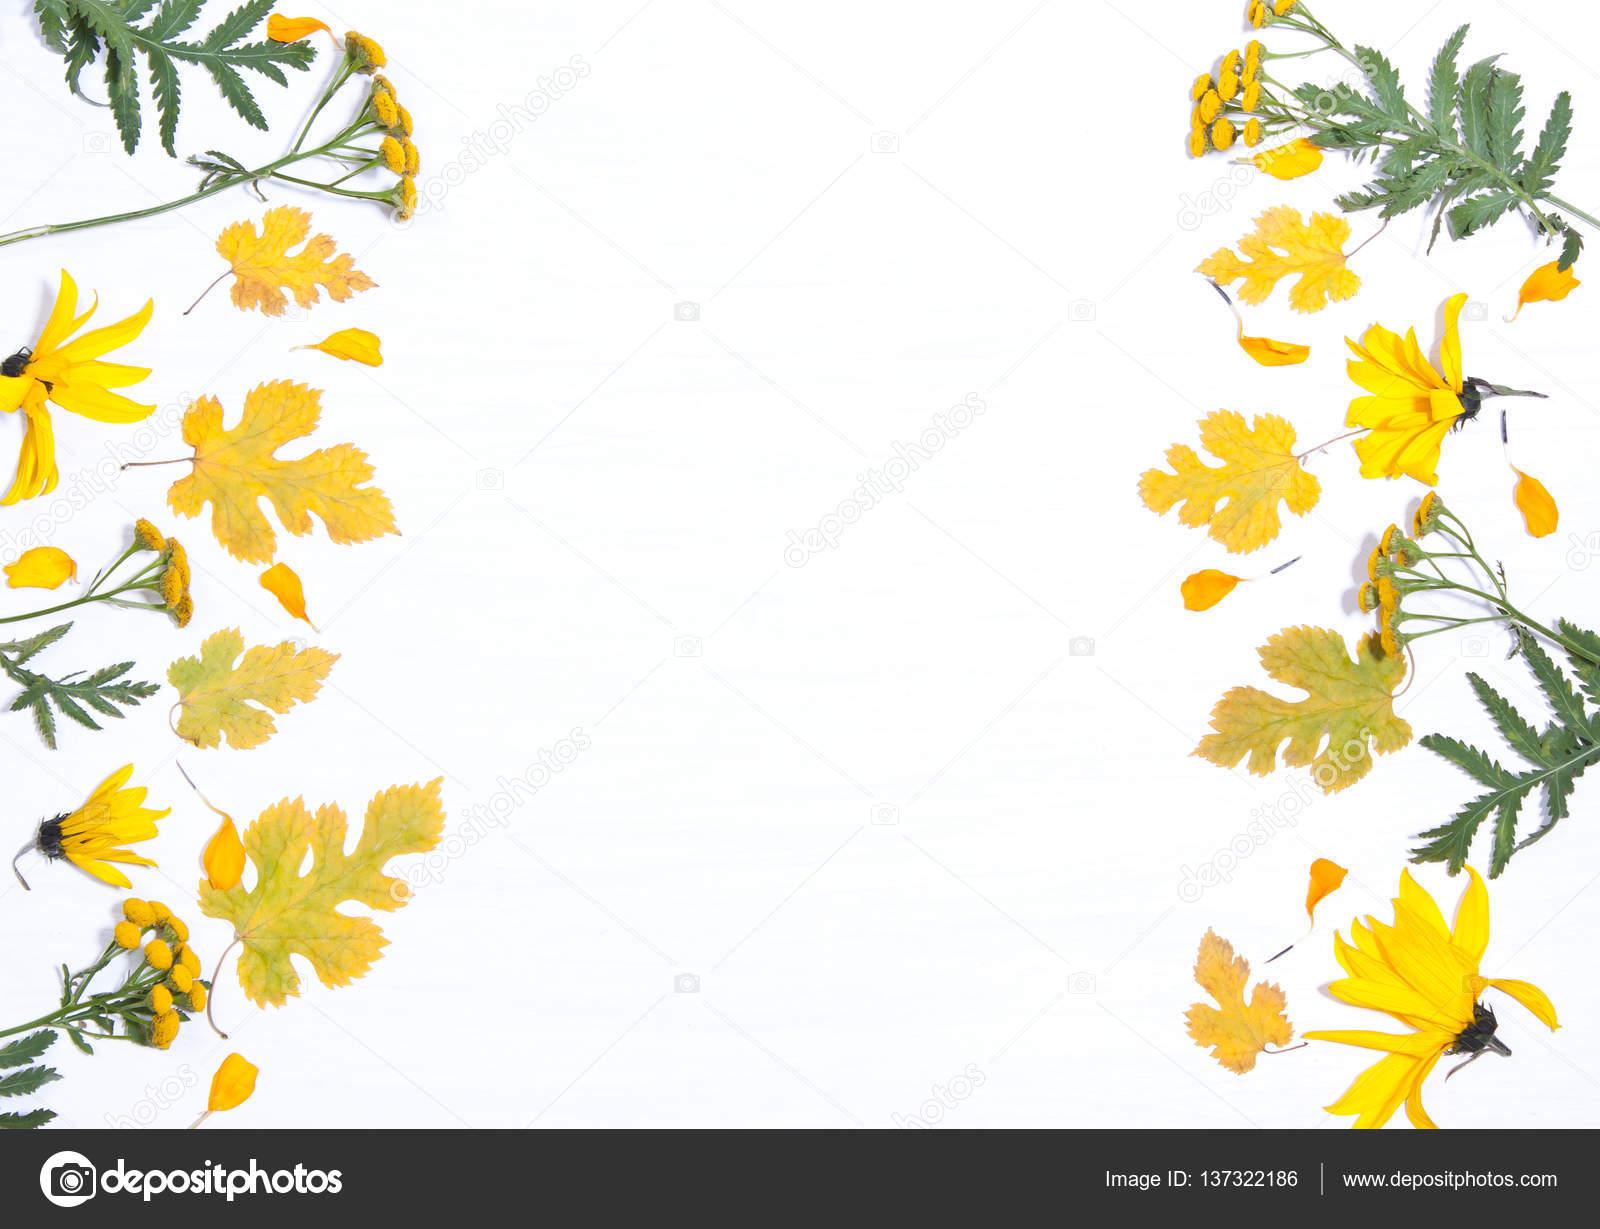 Rahmen der gelben Blüten und Blätter — Stockfoto © Alexmia #137322186